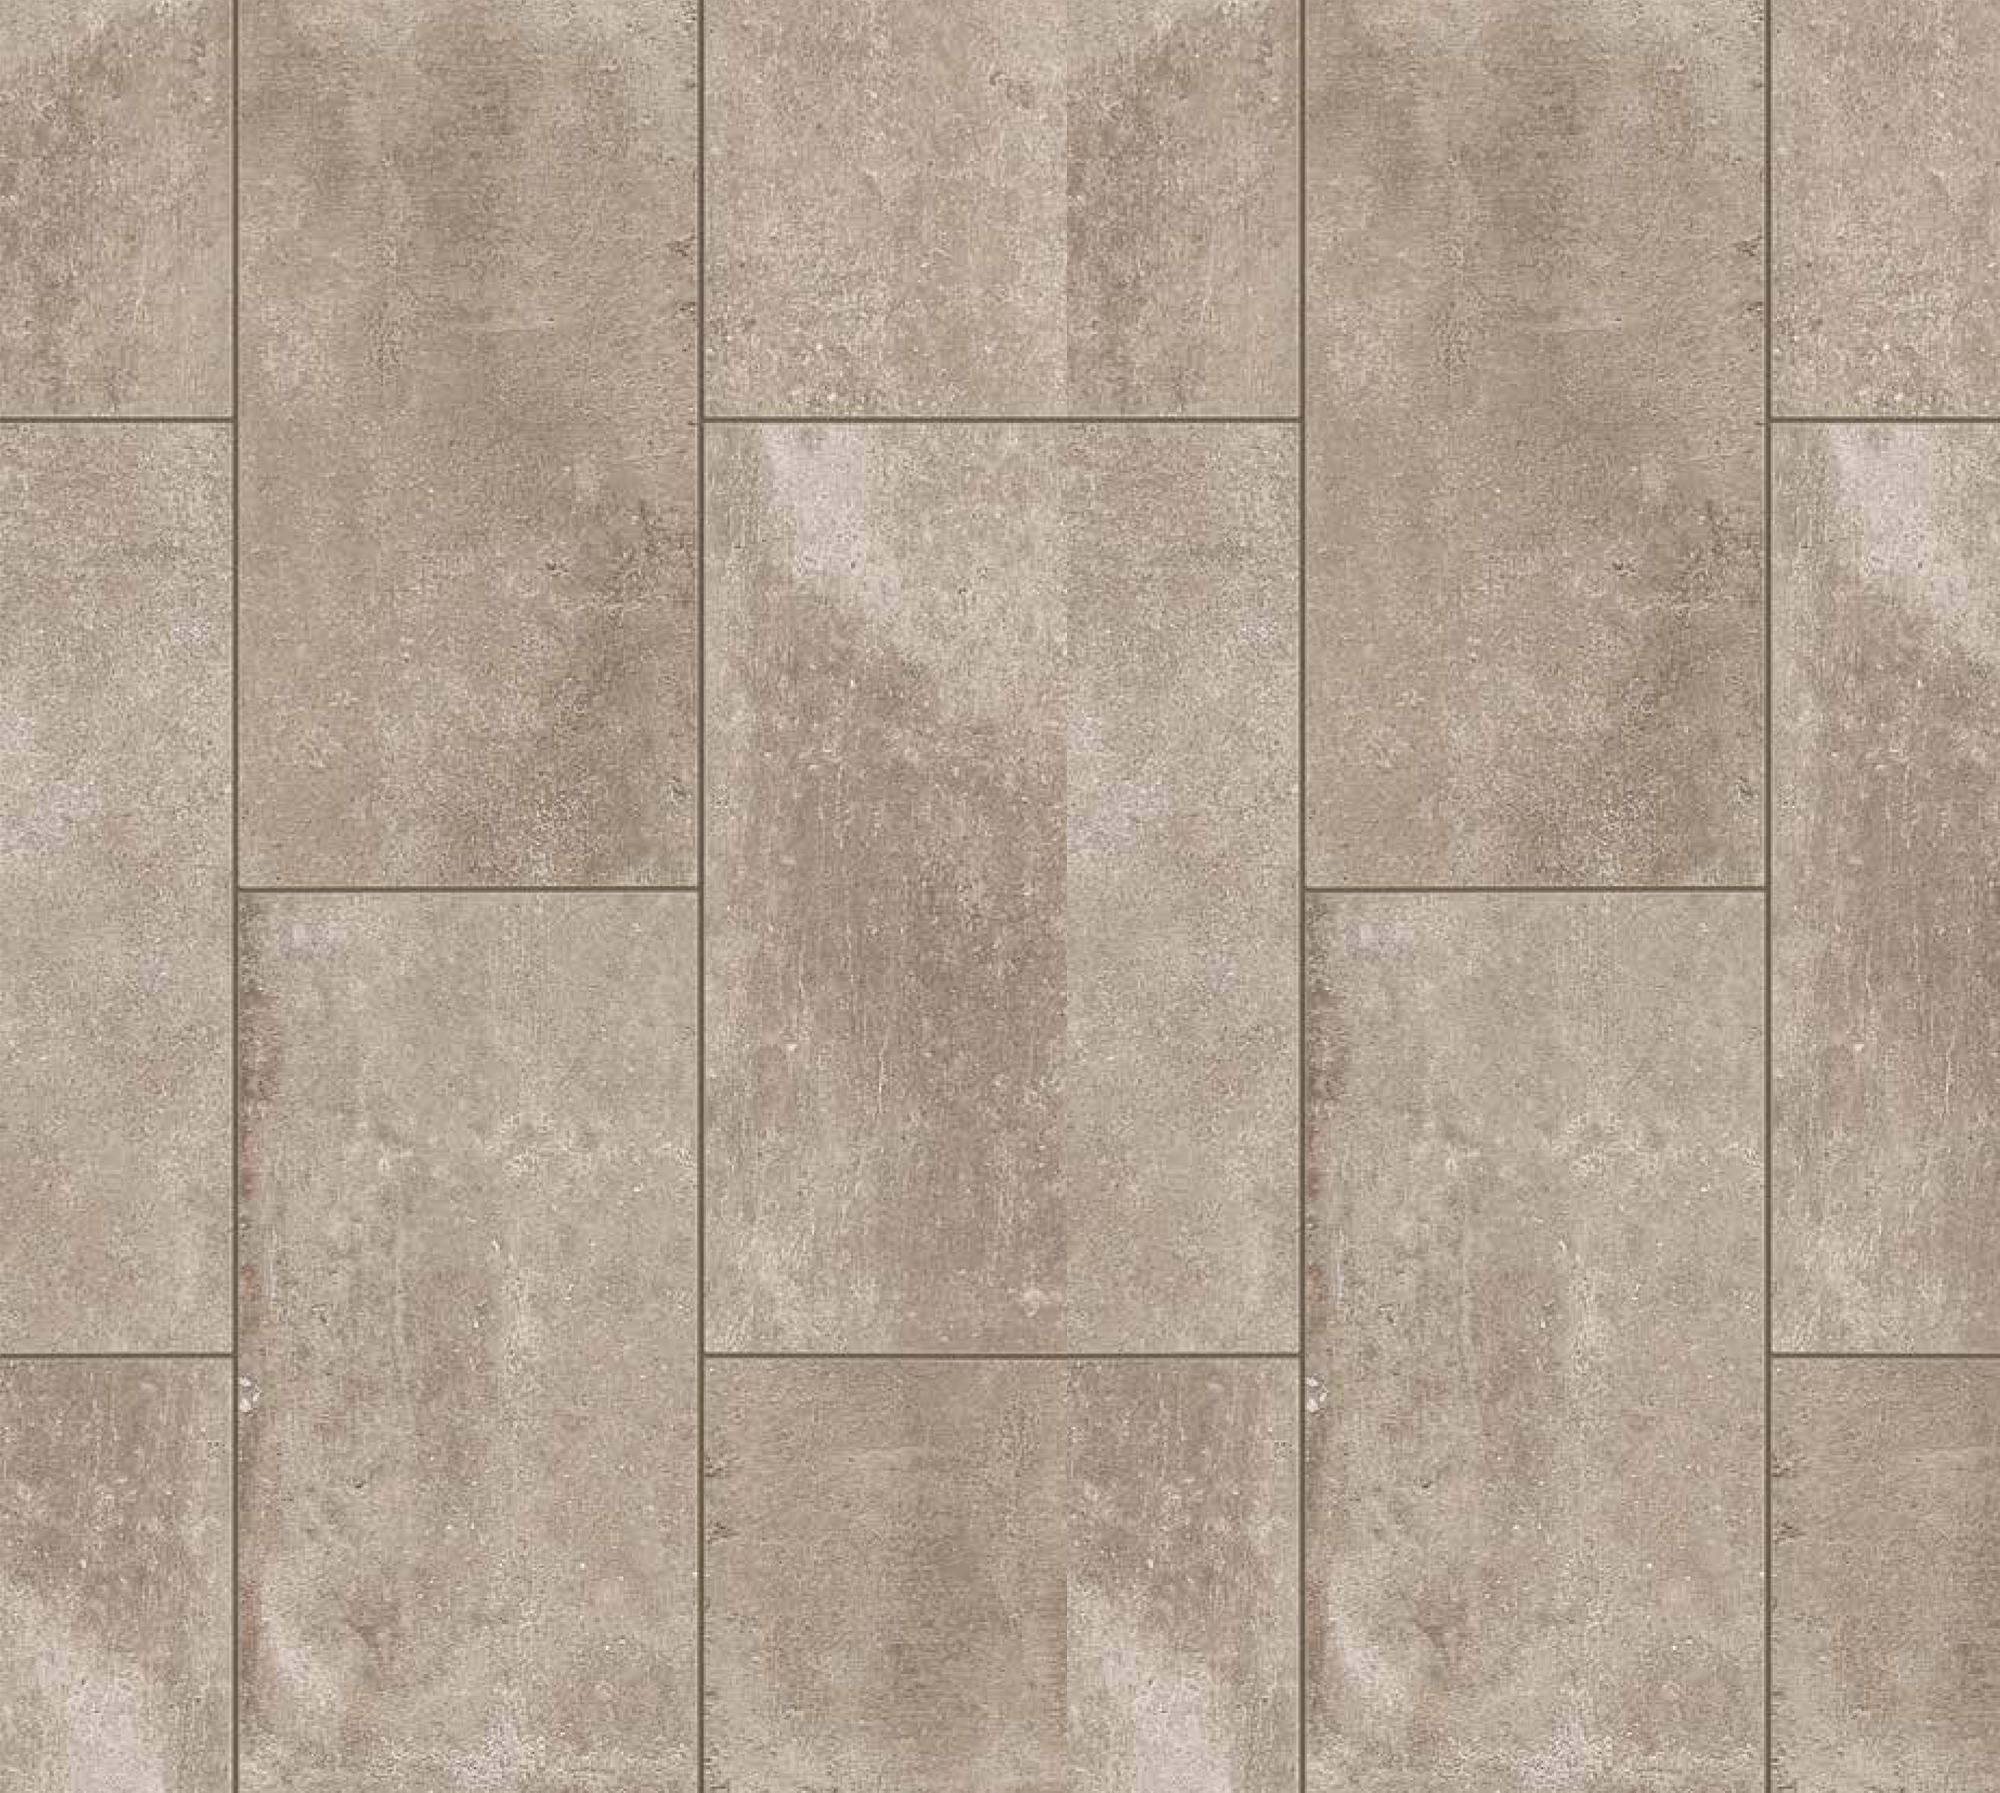 mediterranea vogue – the look of concrete tile - rubble tile